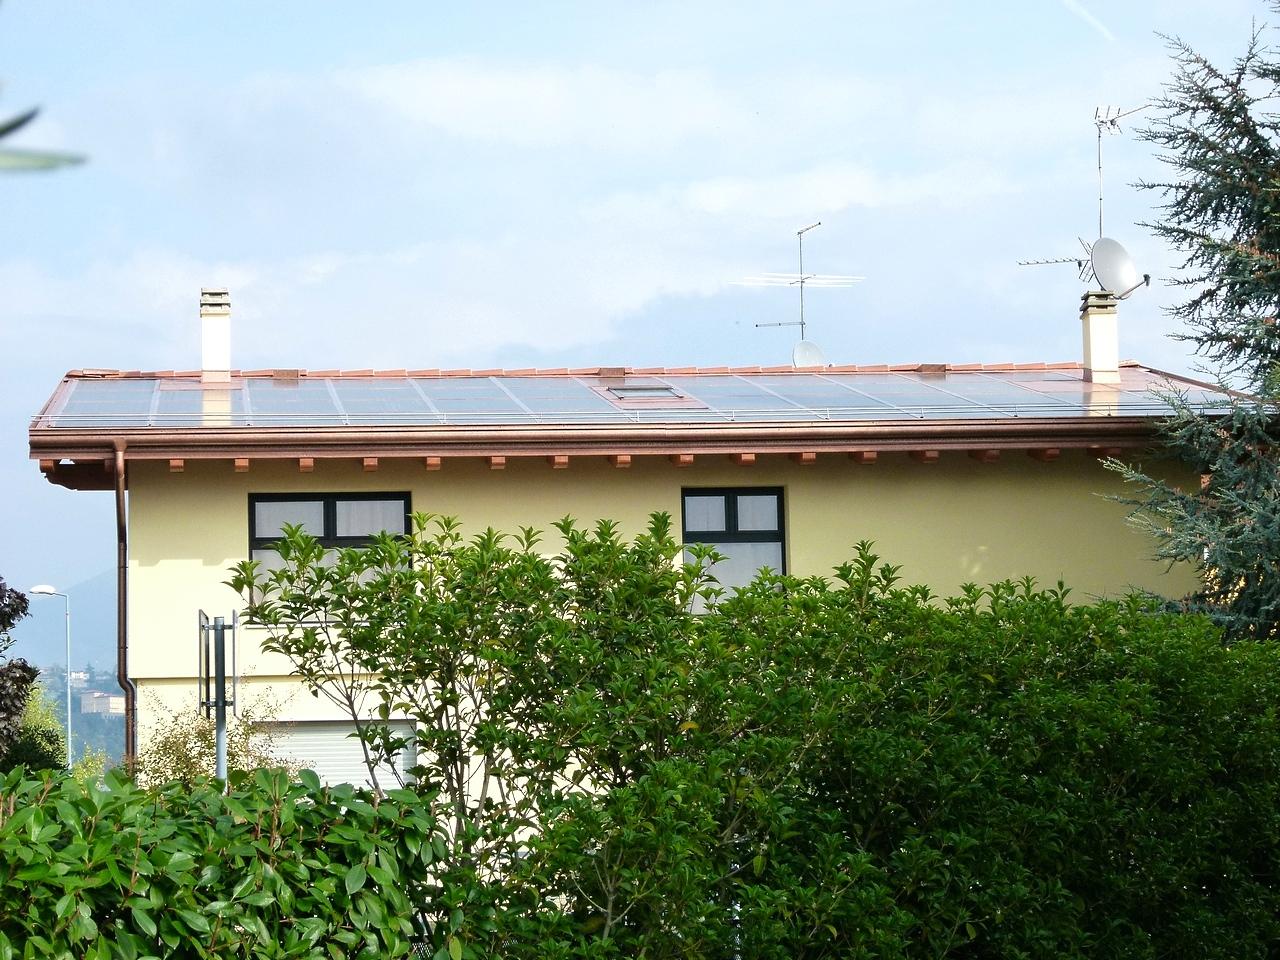 Fotovoltaik dach t s e v energy green solutions srl for T green srl